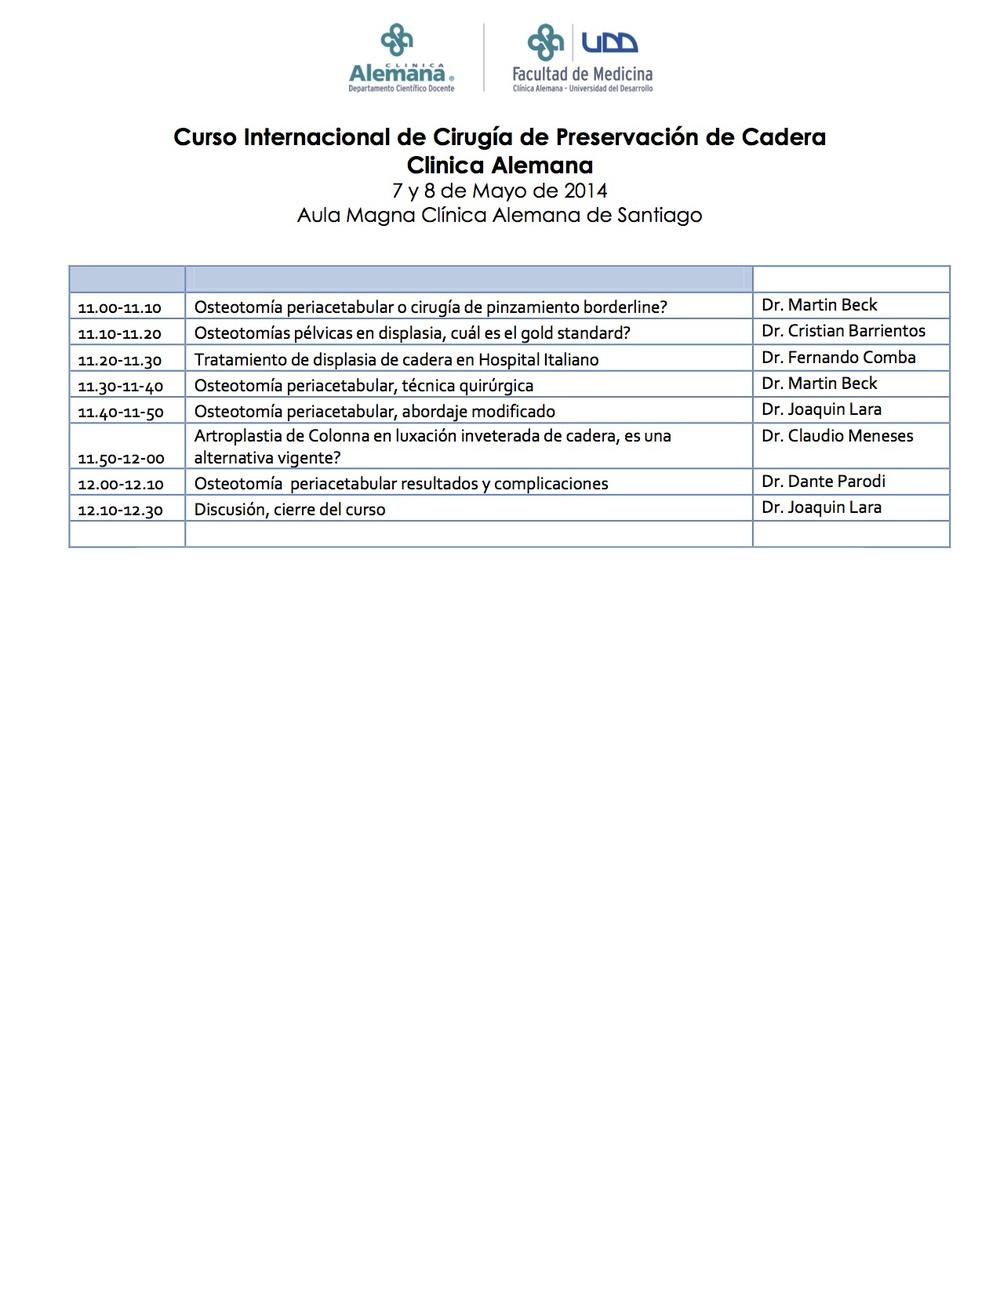 Curso Internacional de Cirugía de Preservación de Cadera 07 y 08 de mayo de 2014 Aula Magna Clínica Alemana de Santiago_3